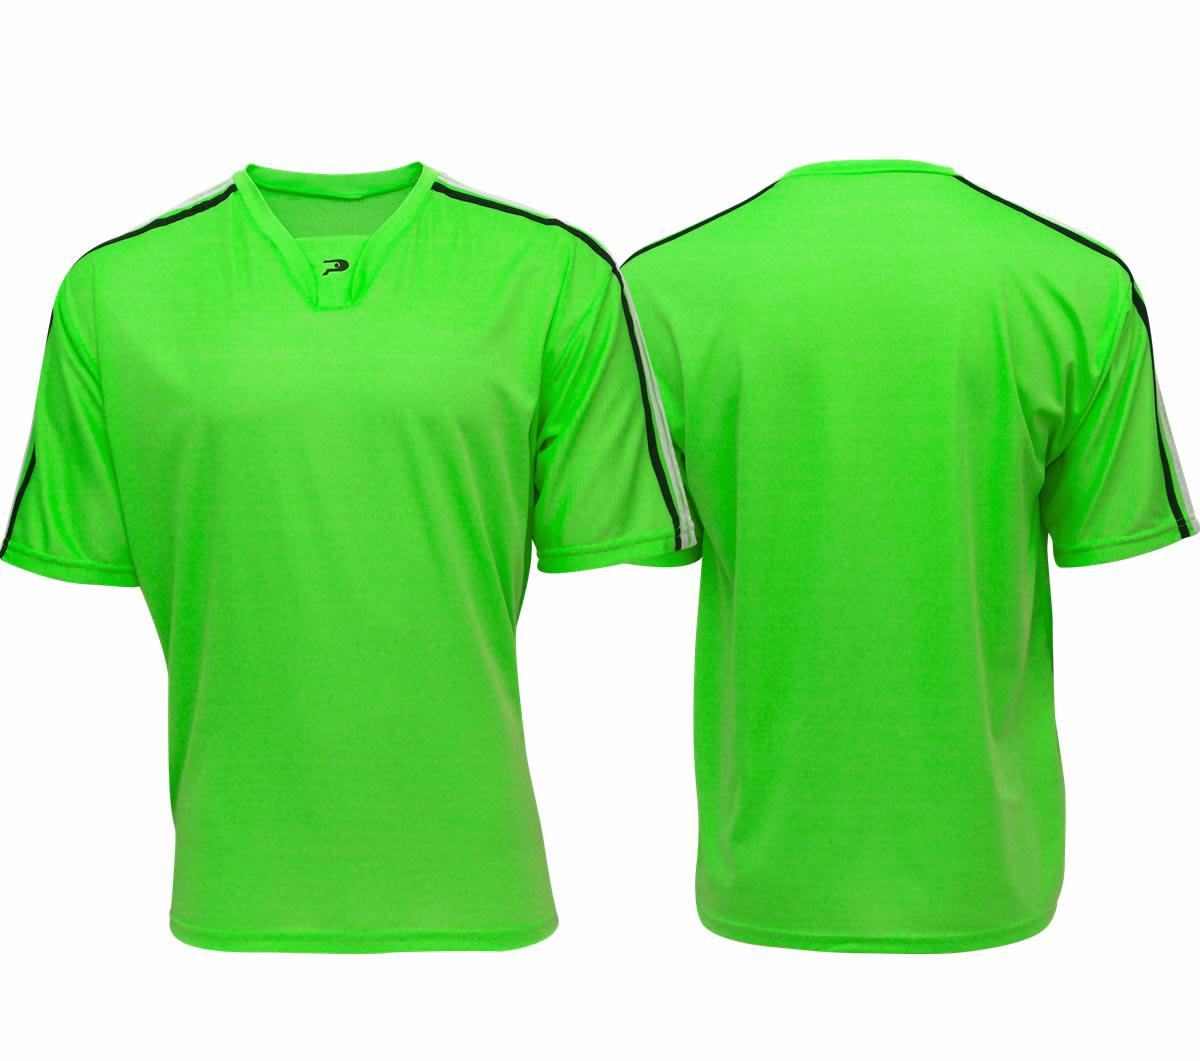 1e186abe7b Camisa Goleiro Placar Pinheirão Verde Limão Camisa Goleiro Placar Pinheirão  Verde Limão